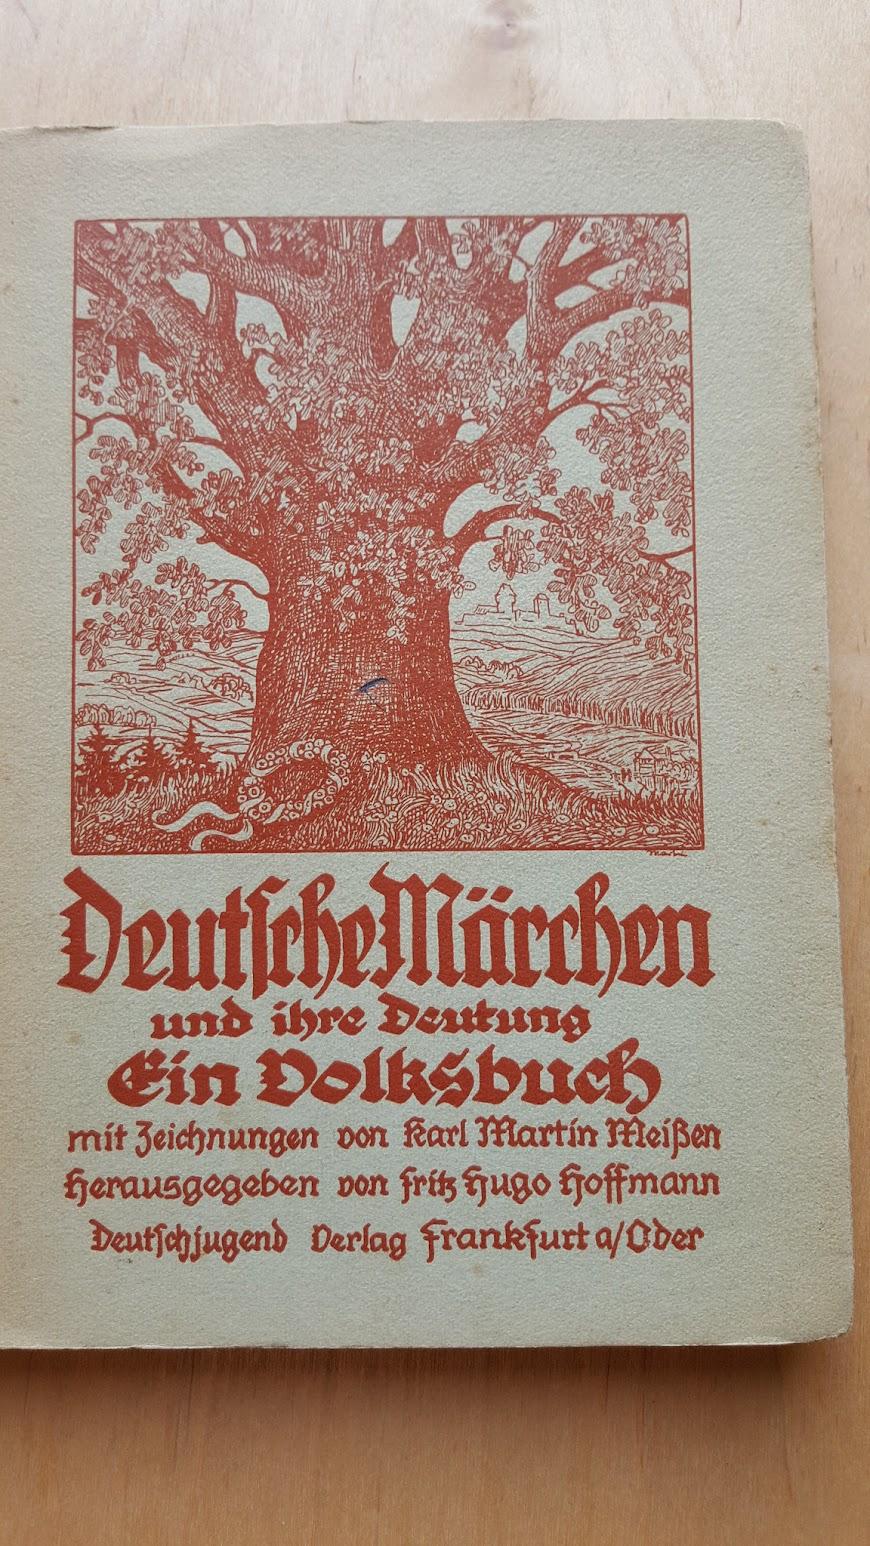 Deutsche Märchen und ihr Deutung, Ein Volksbuch aus der Nazizeit, 1934